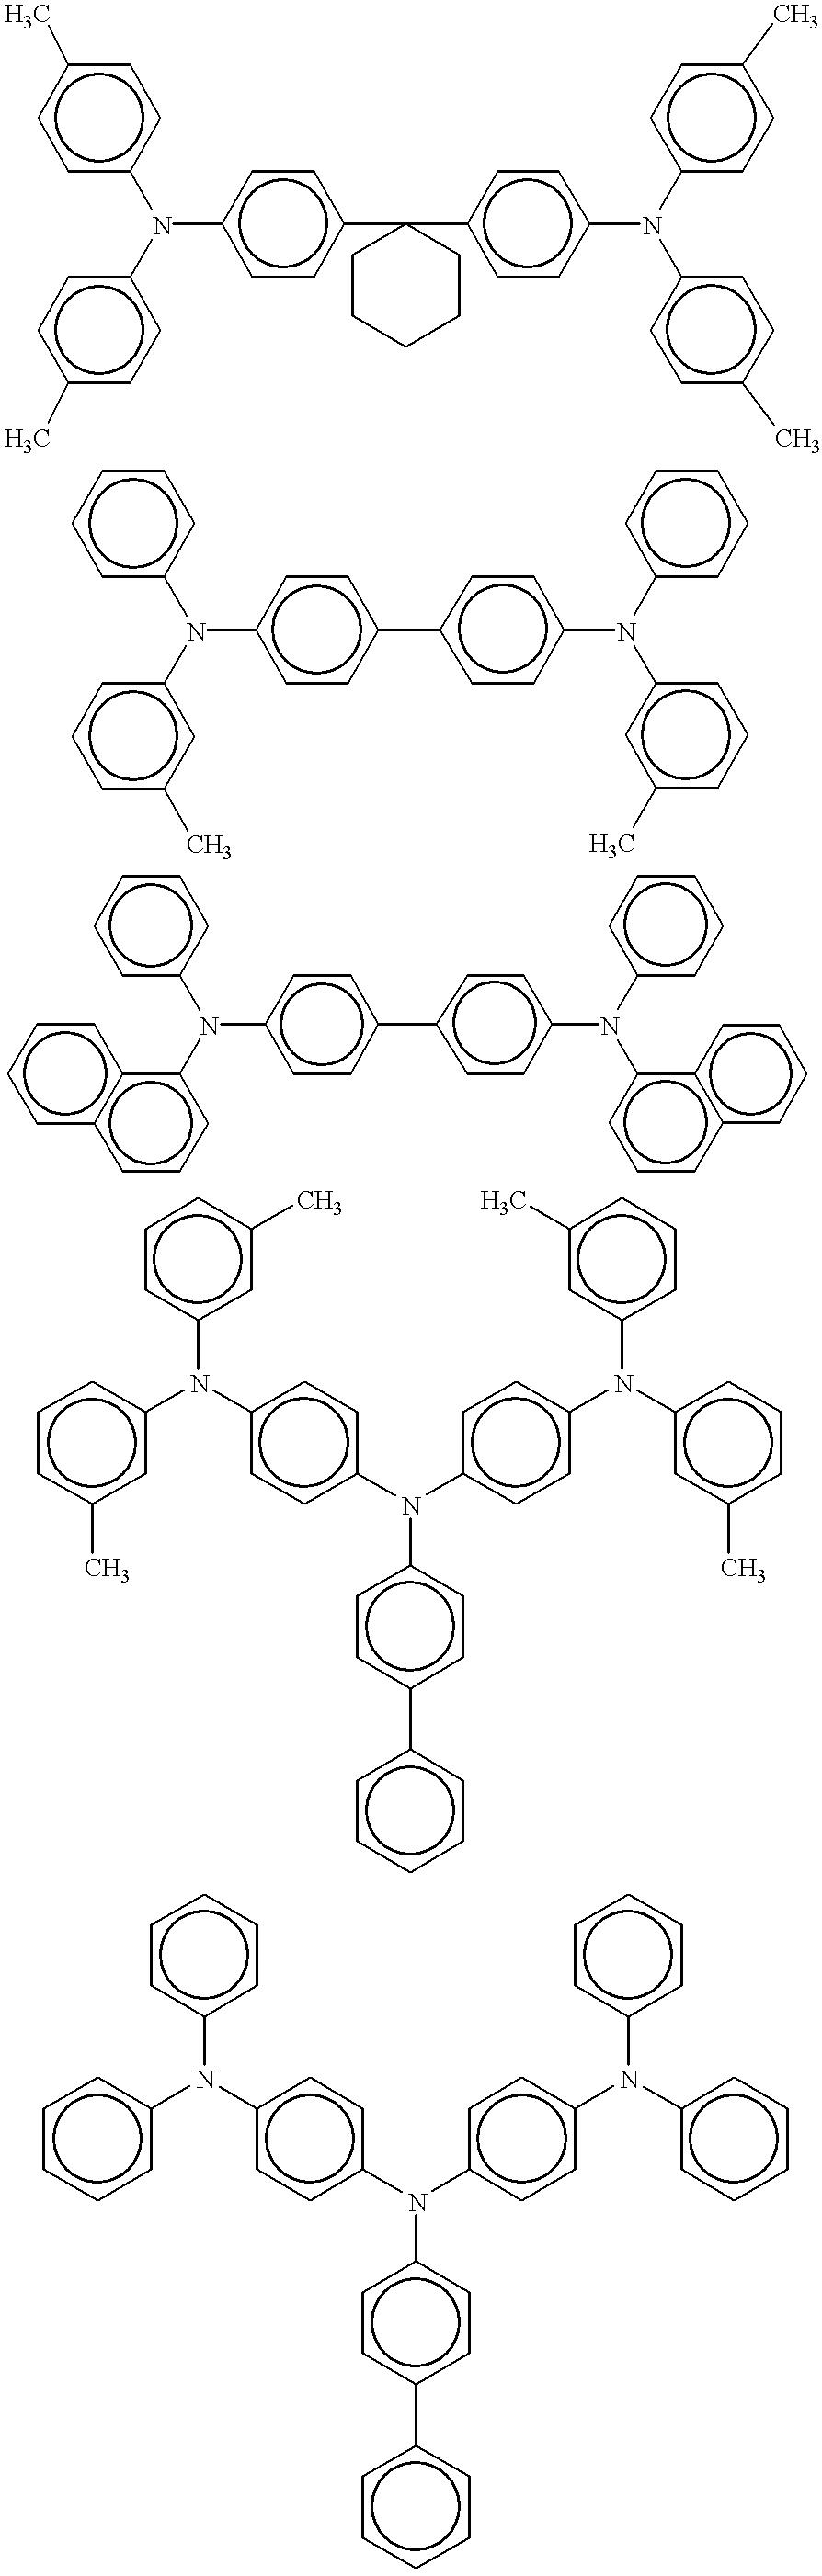 Figure US06329083-20011211-C00013